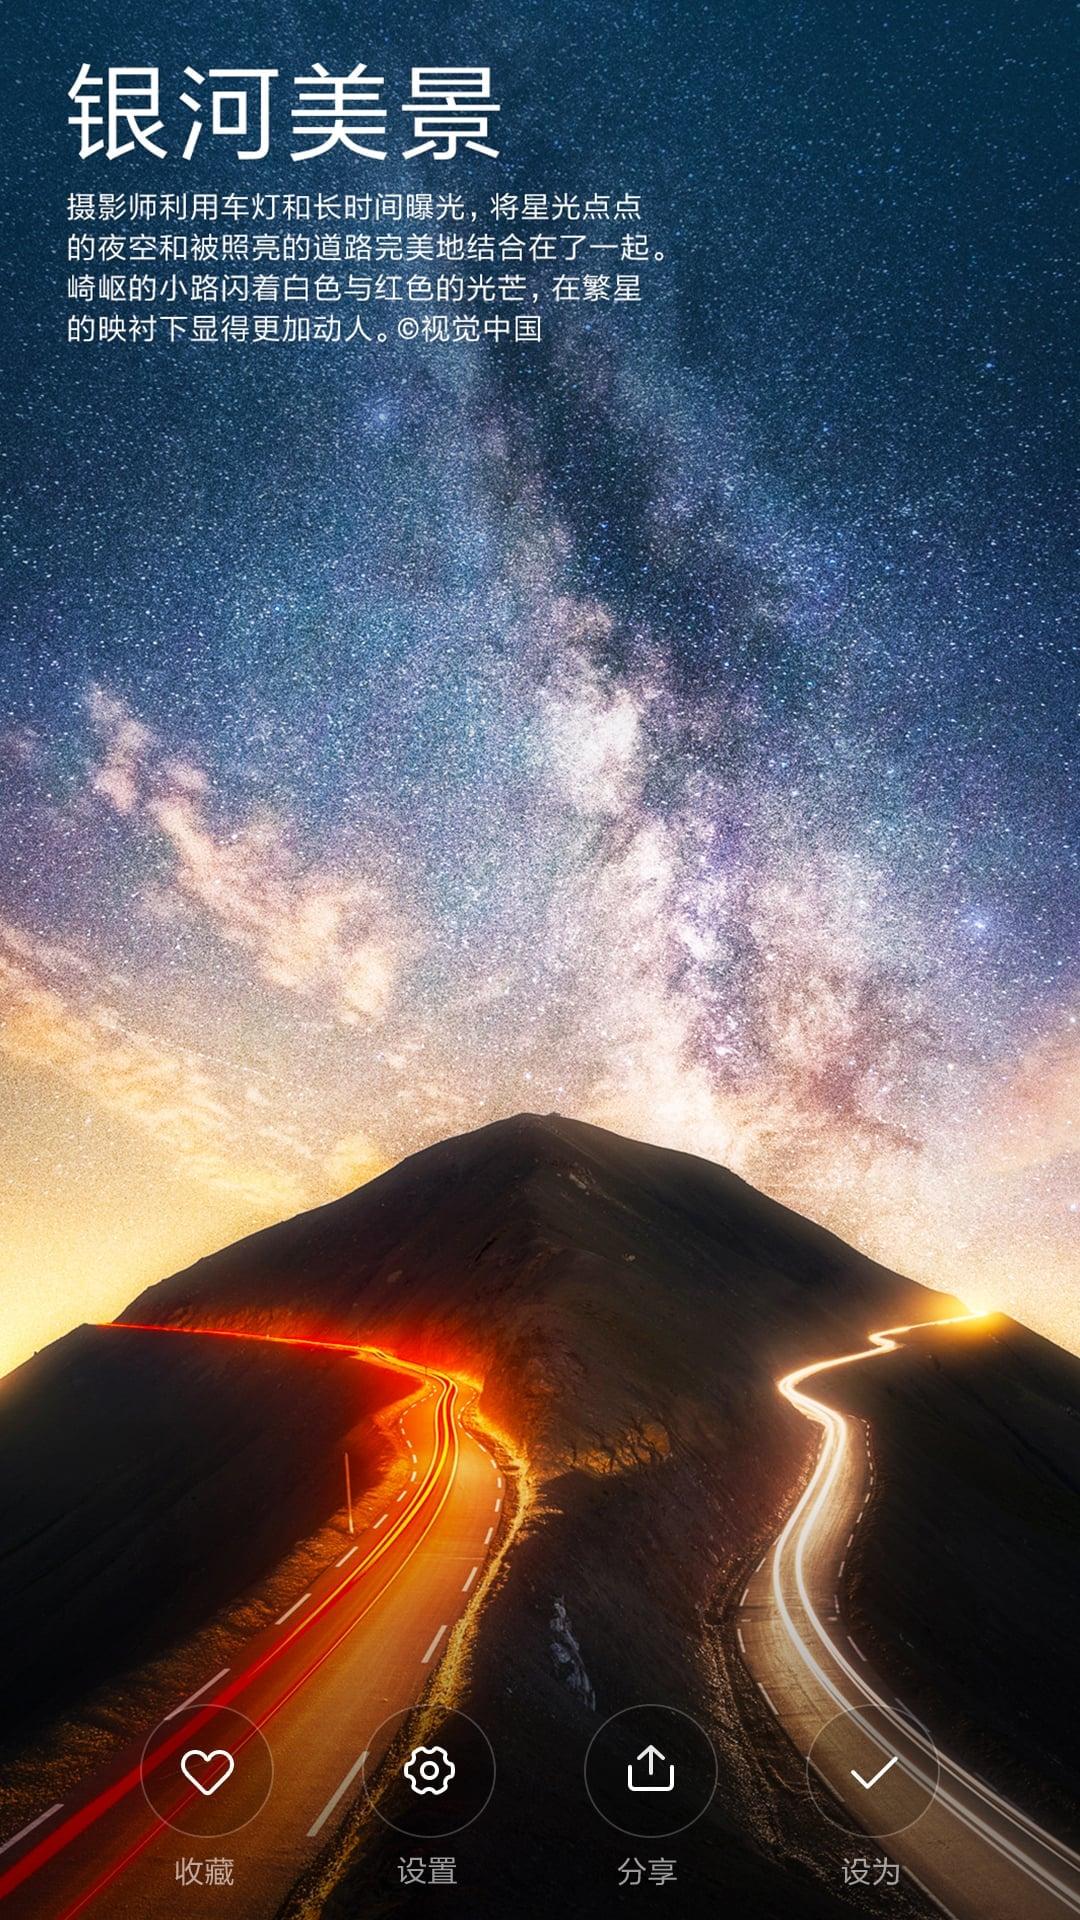 背景 壁纸 风景 火山 桌面 1080_1920 竖版 竖屏 手机